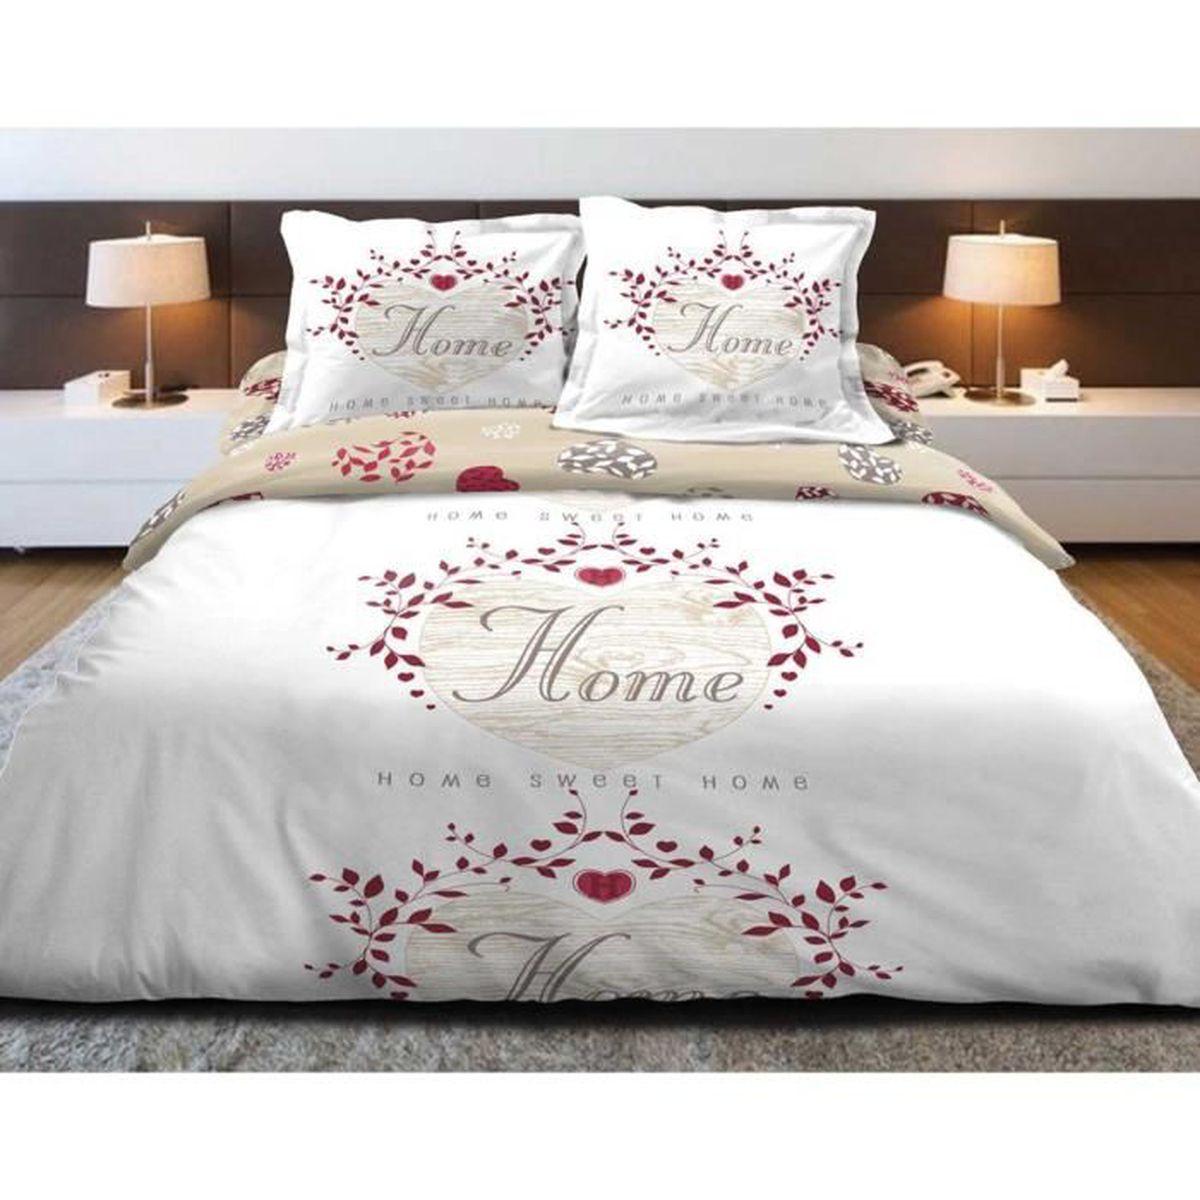 housse de couette rouge et blanc achat vente housse de couette rouge et blanc pas cher. Black Bedroom Furniture Sets. Home Design Ideas